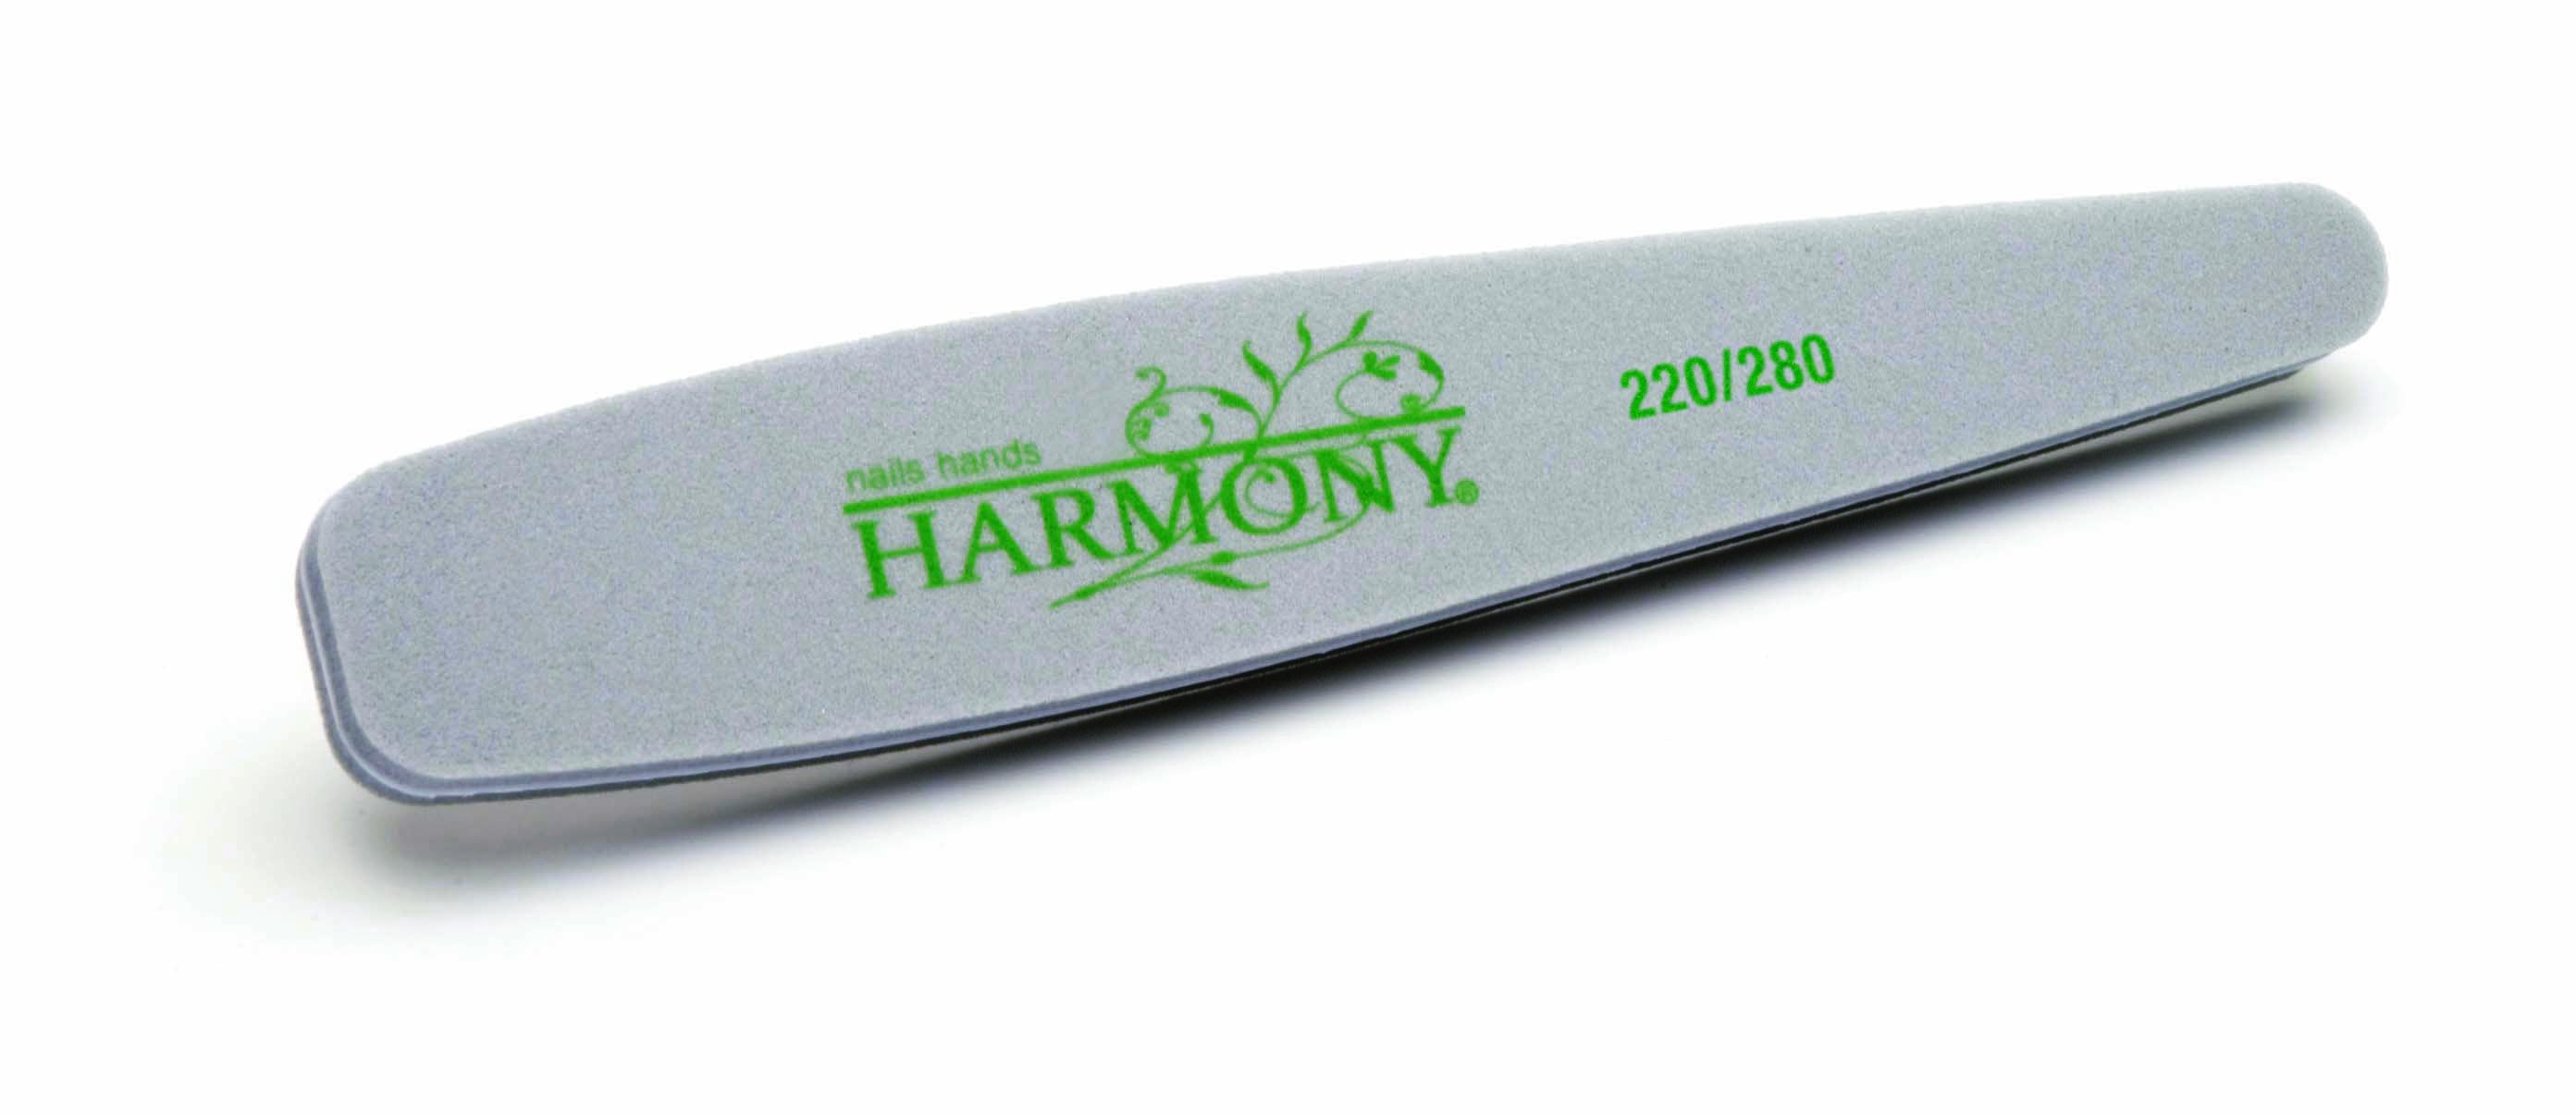 GELISH Шлифовщик для натуральных и искусственных ногтей 220/280 / GELISH BufferПилки для ногтей<br>Gelish Шлифовщик для натуральных и искусственных ногтей Buffer 220/280 гритт. Шлифовщик для натуральных и искусственных ногтей, используется для окончательной мягкой шлифовки. Материал: полиэтиленовая пена, пластик<br>